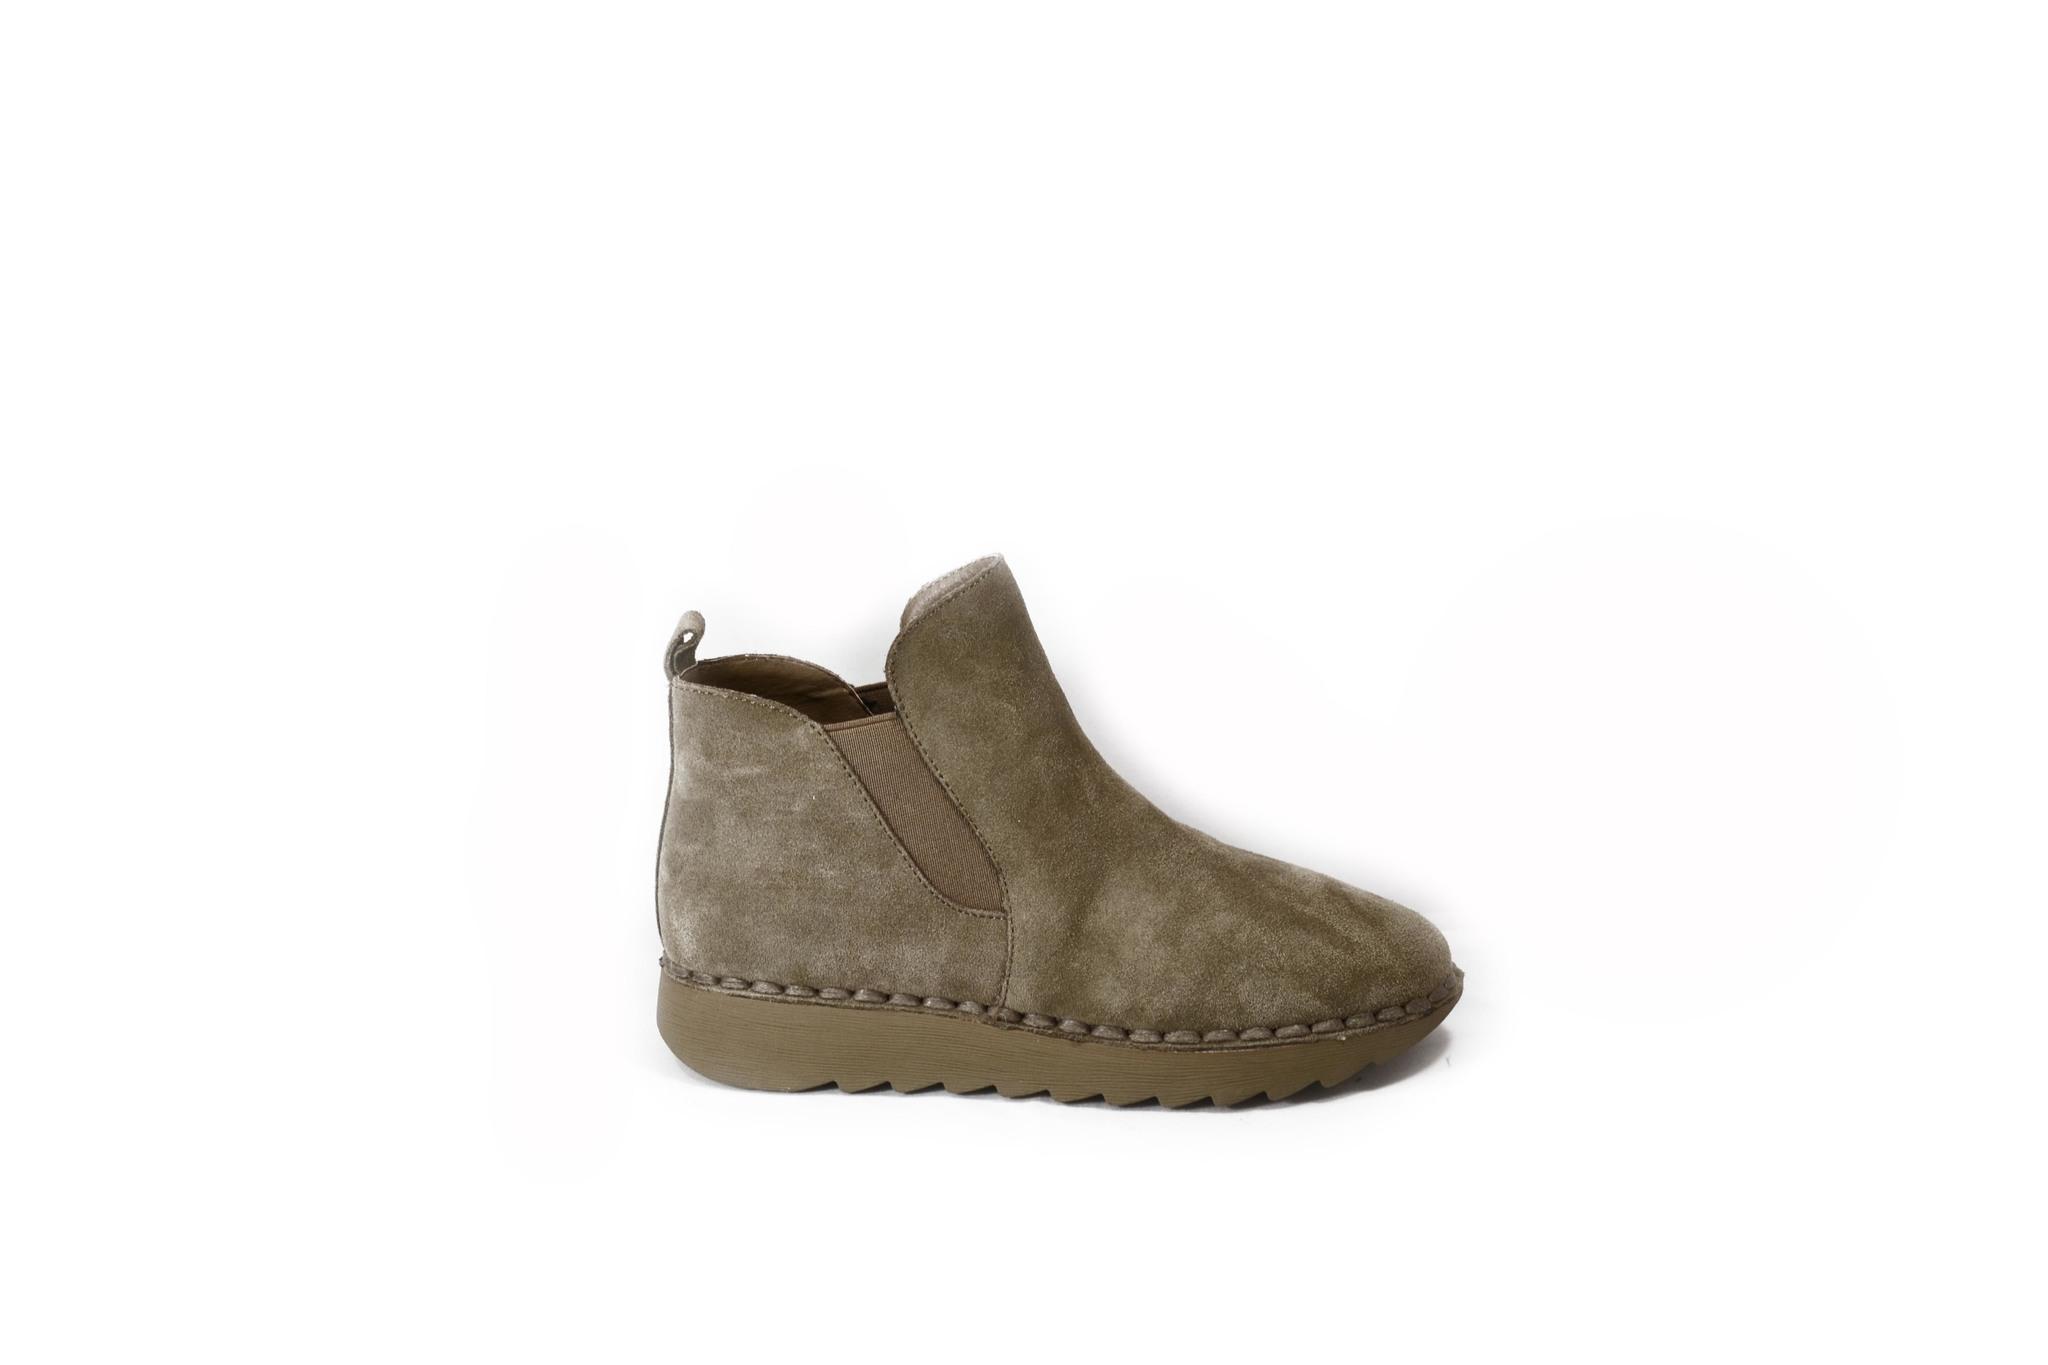 Песочные ботинки из натурально велюра платформе